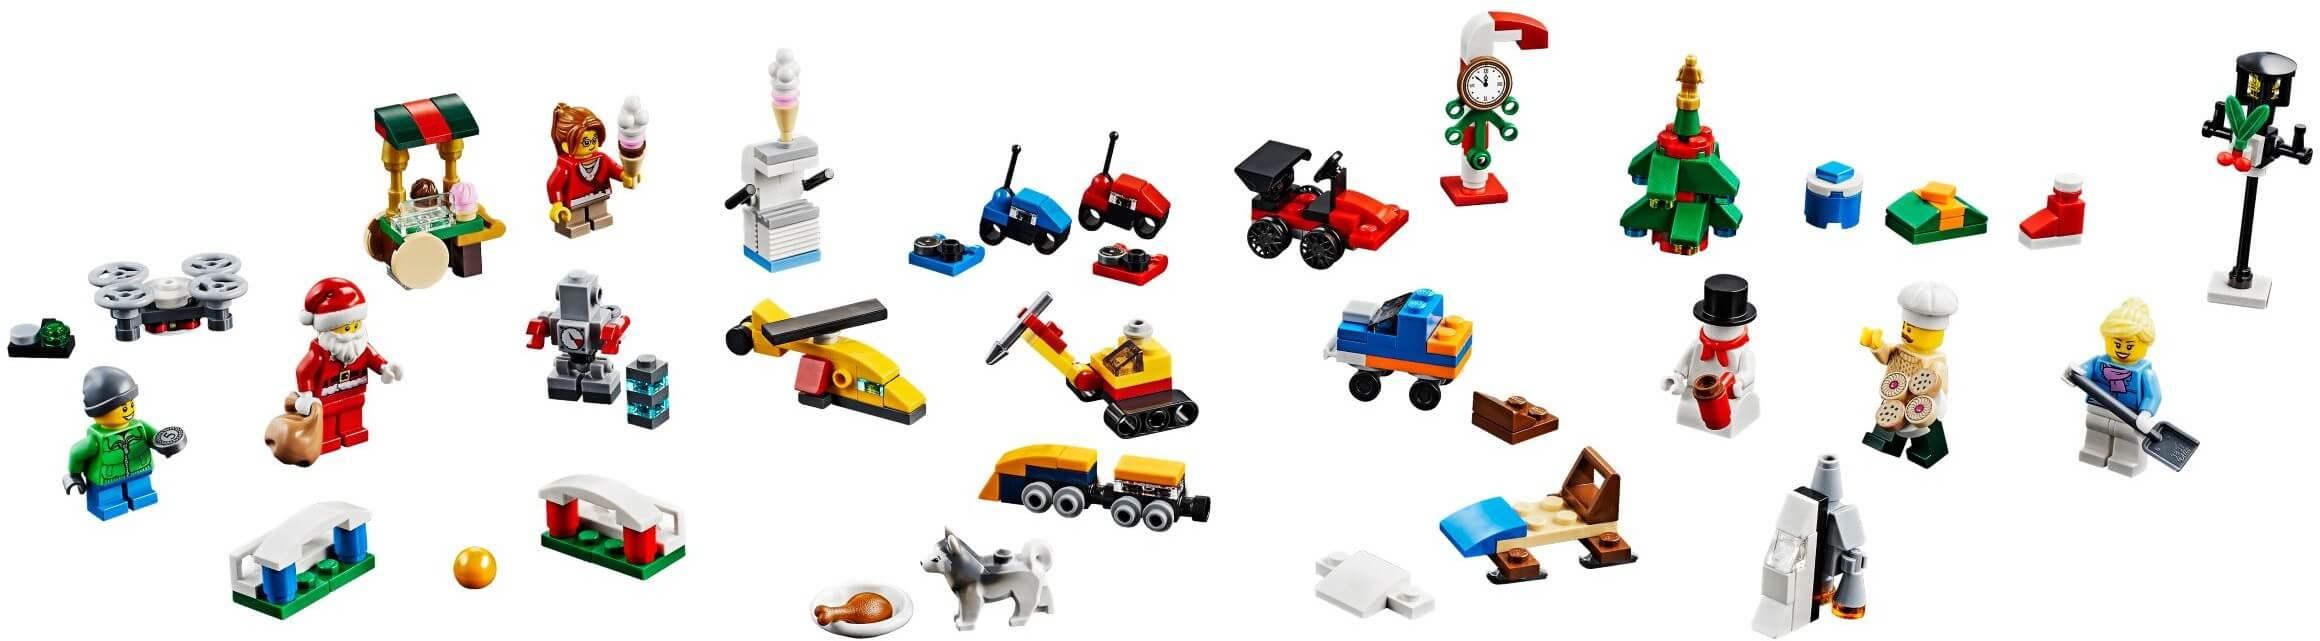 Mua đồ chơi LEGO 60201 - LEGO City 60201 - Bộ Lịch Giáng Sinh LEGO City Advent Calendar (LEGO 60201 LEGO City Advent Calendar)